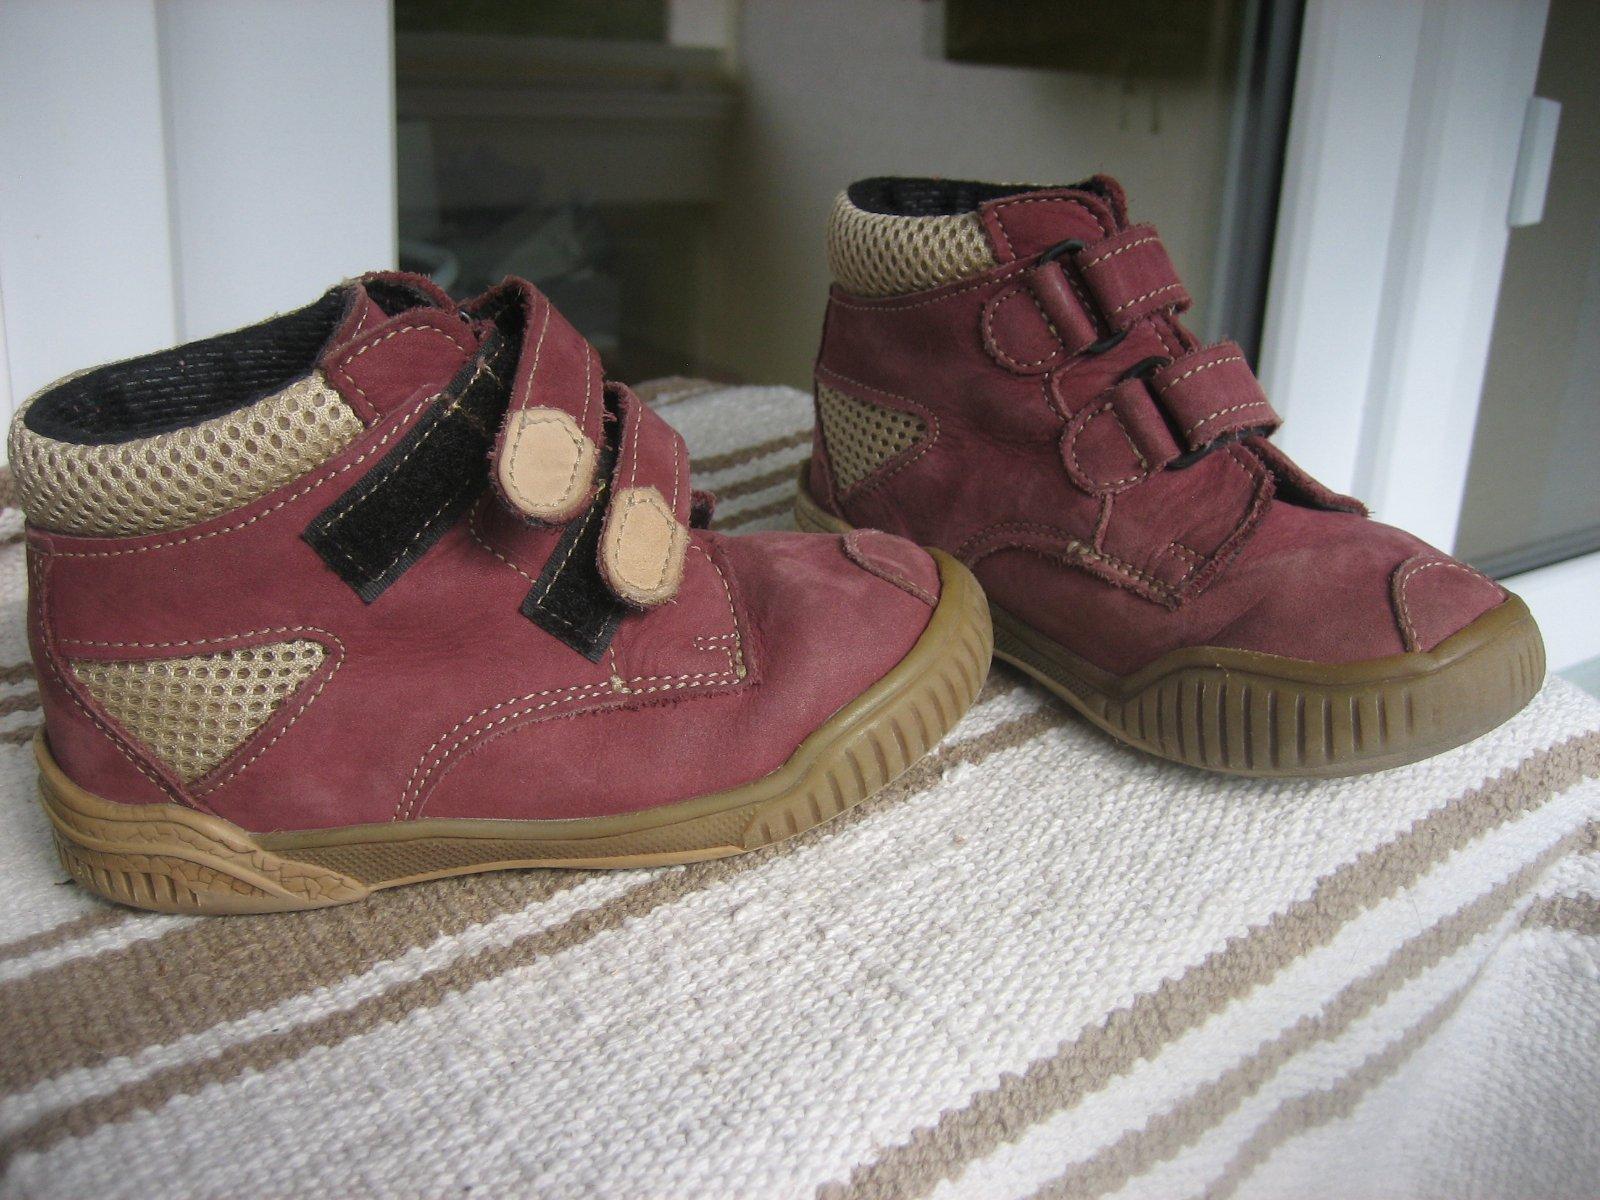 Dívčí boty jaro léto podzim vel. 25 25a06a3fb3